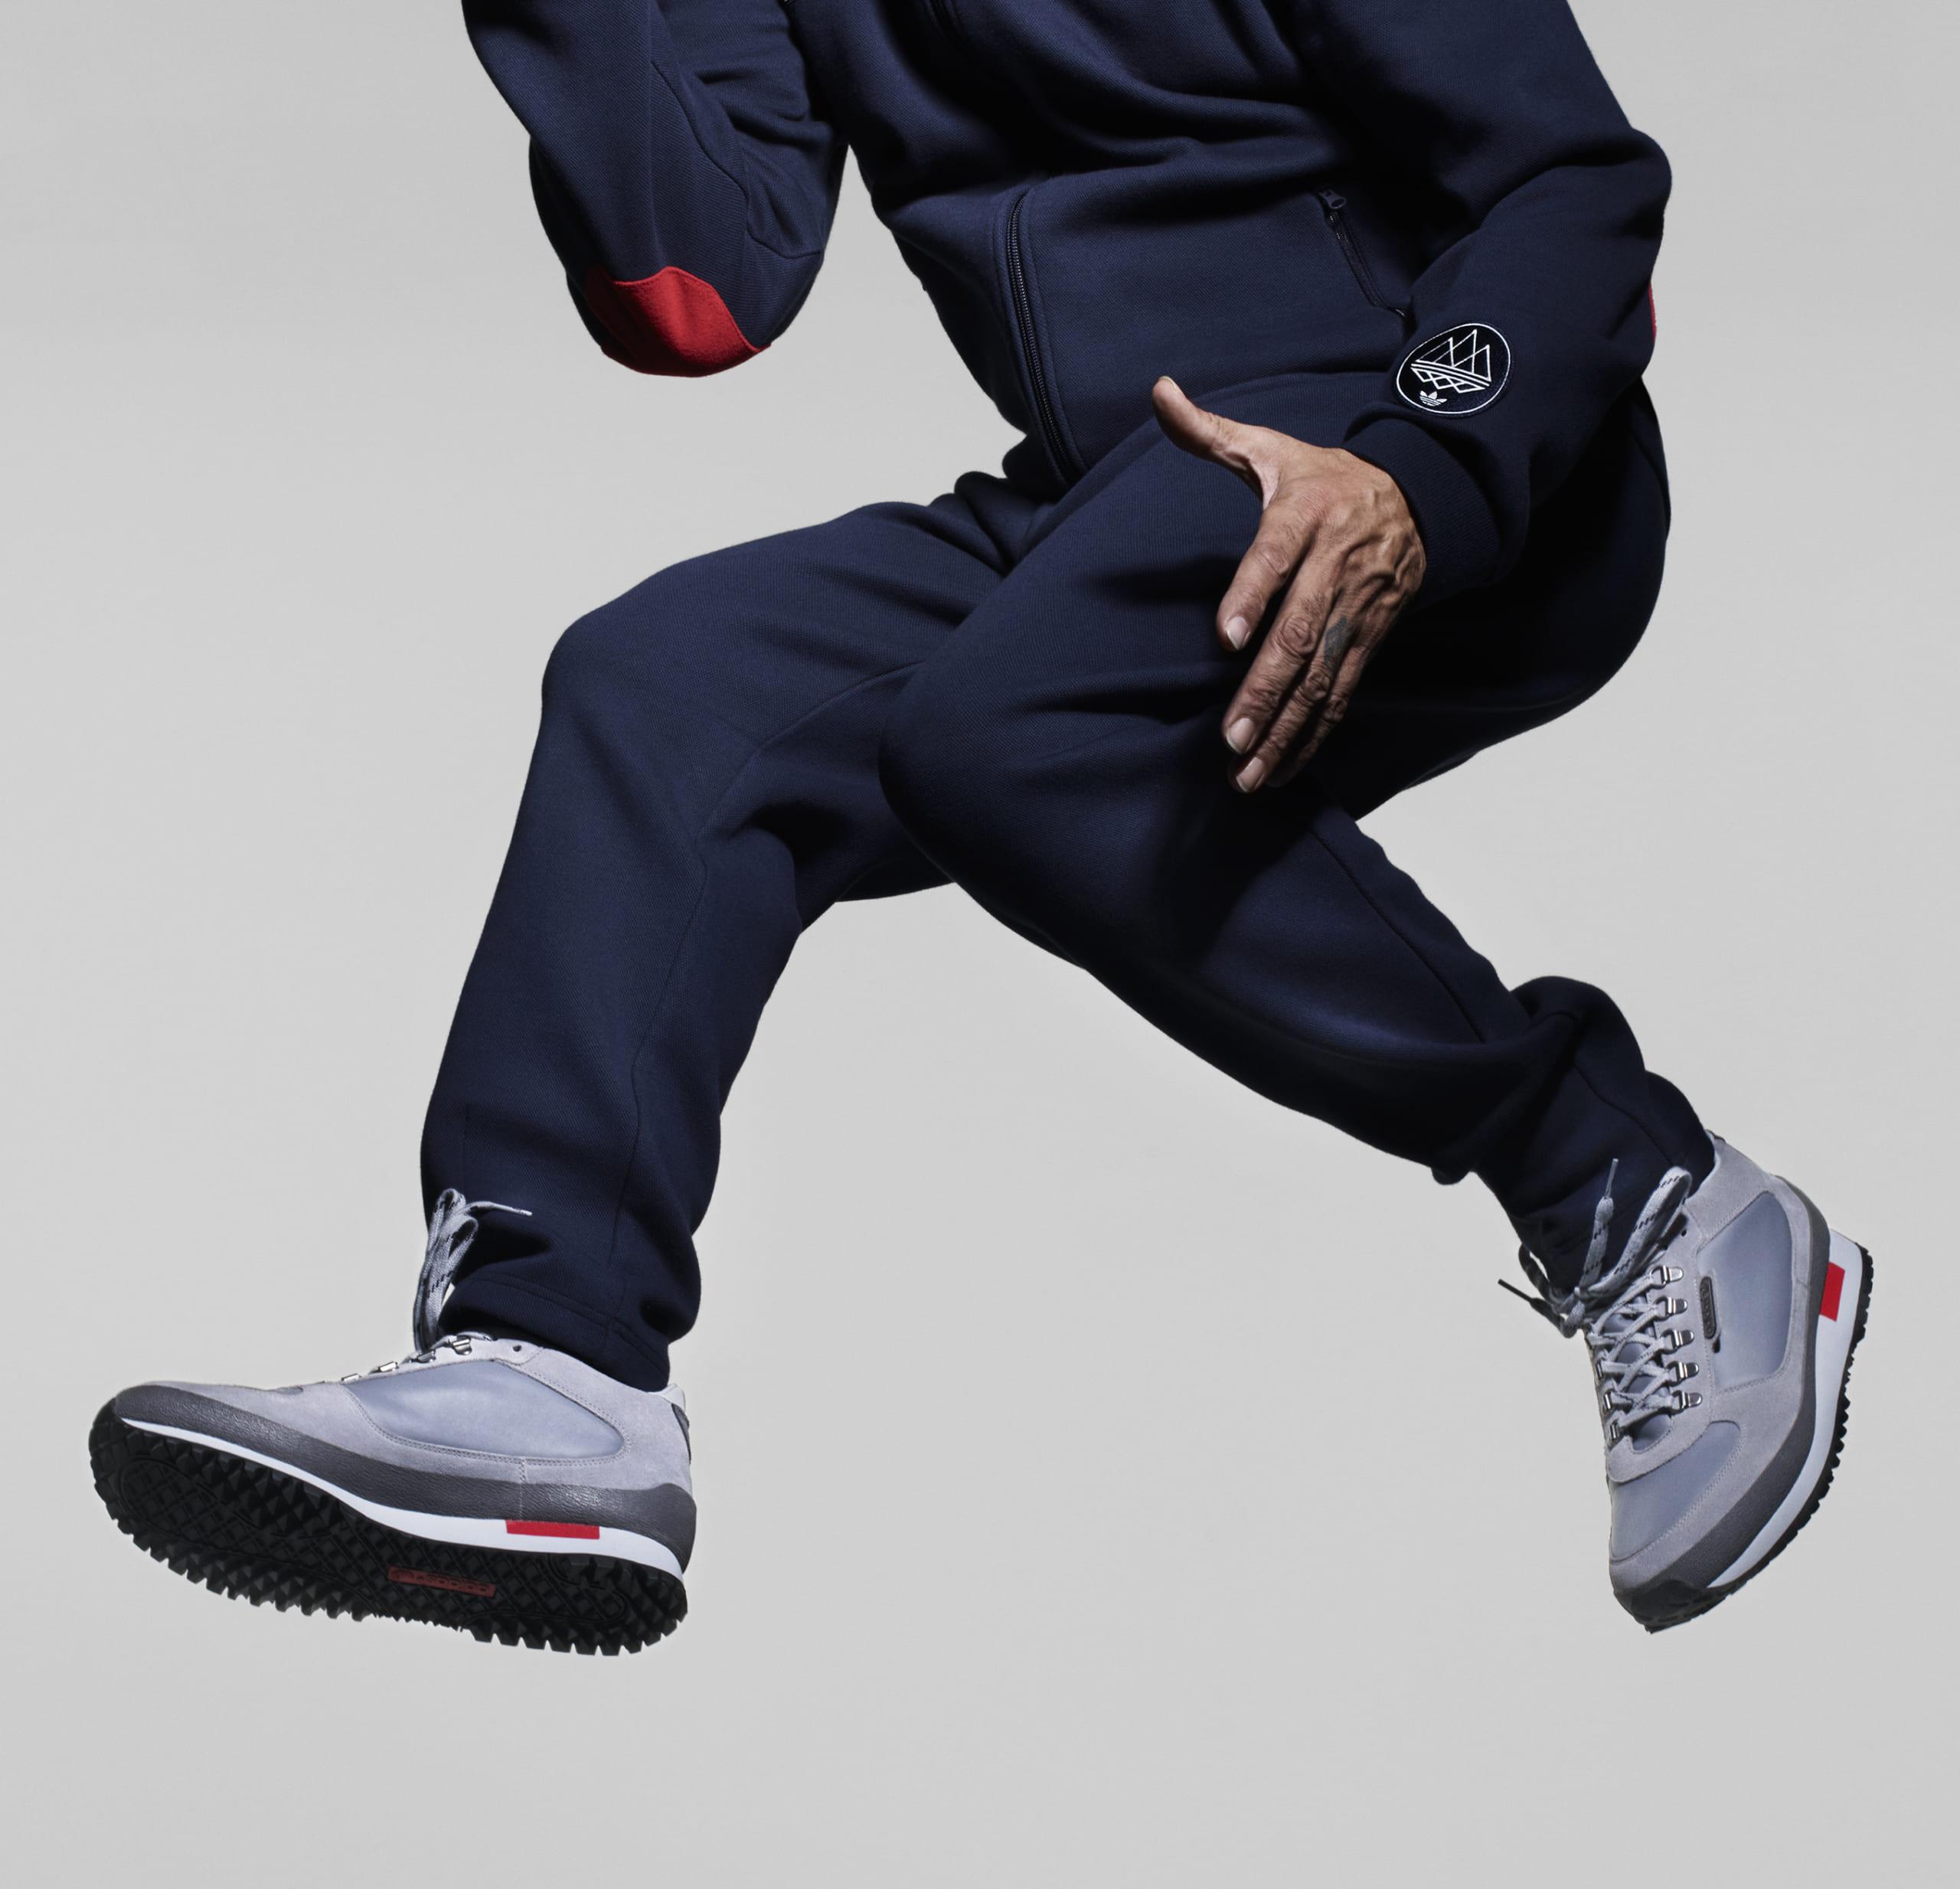 今年も「adidas SPEZIAL」の新作スニーカーがカッコよすぎる件。